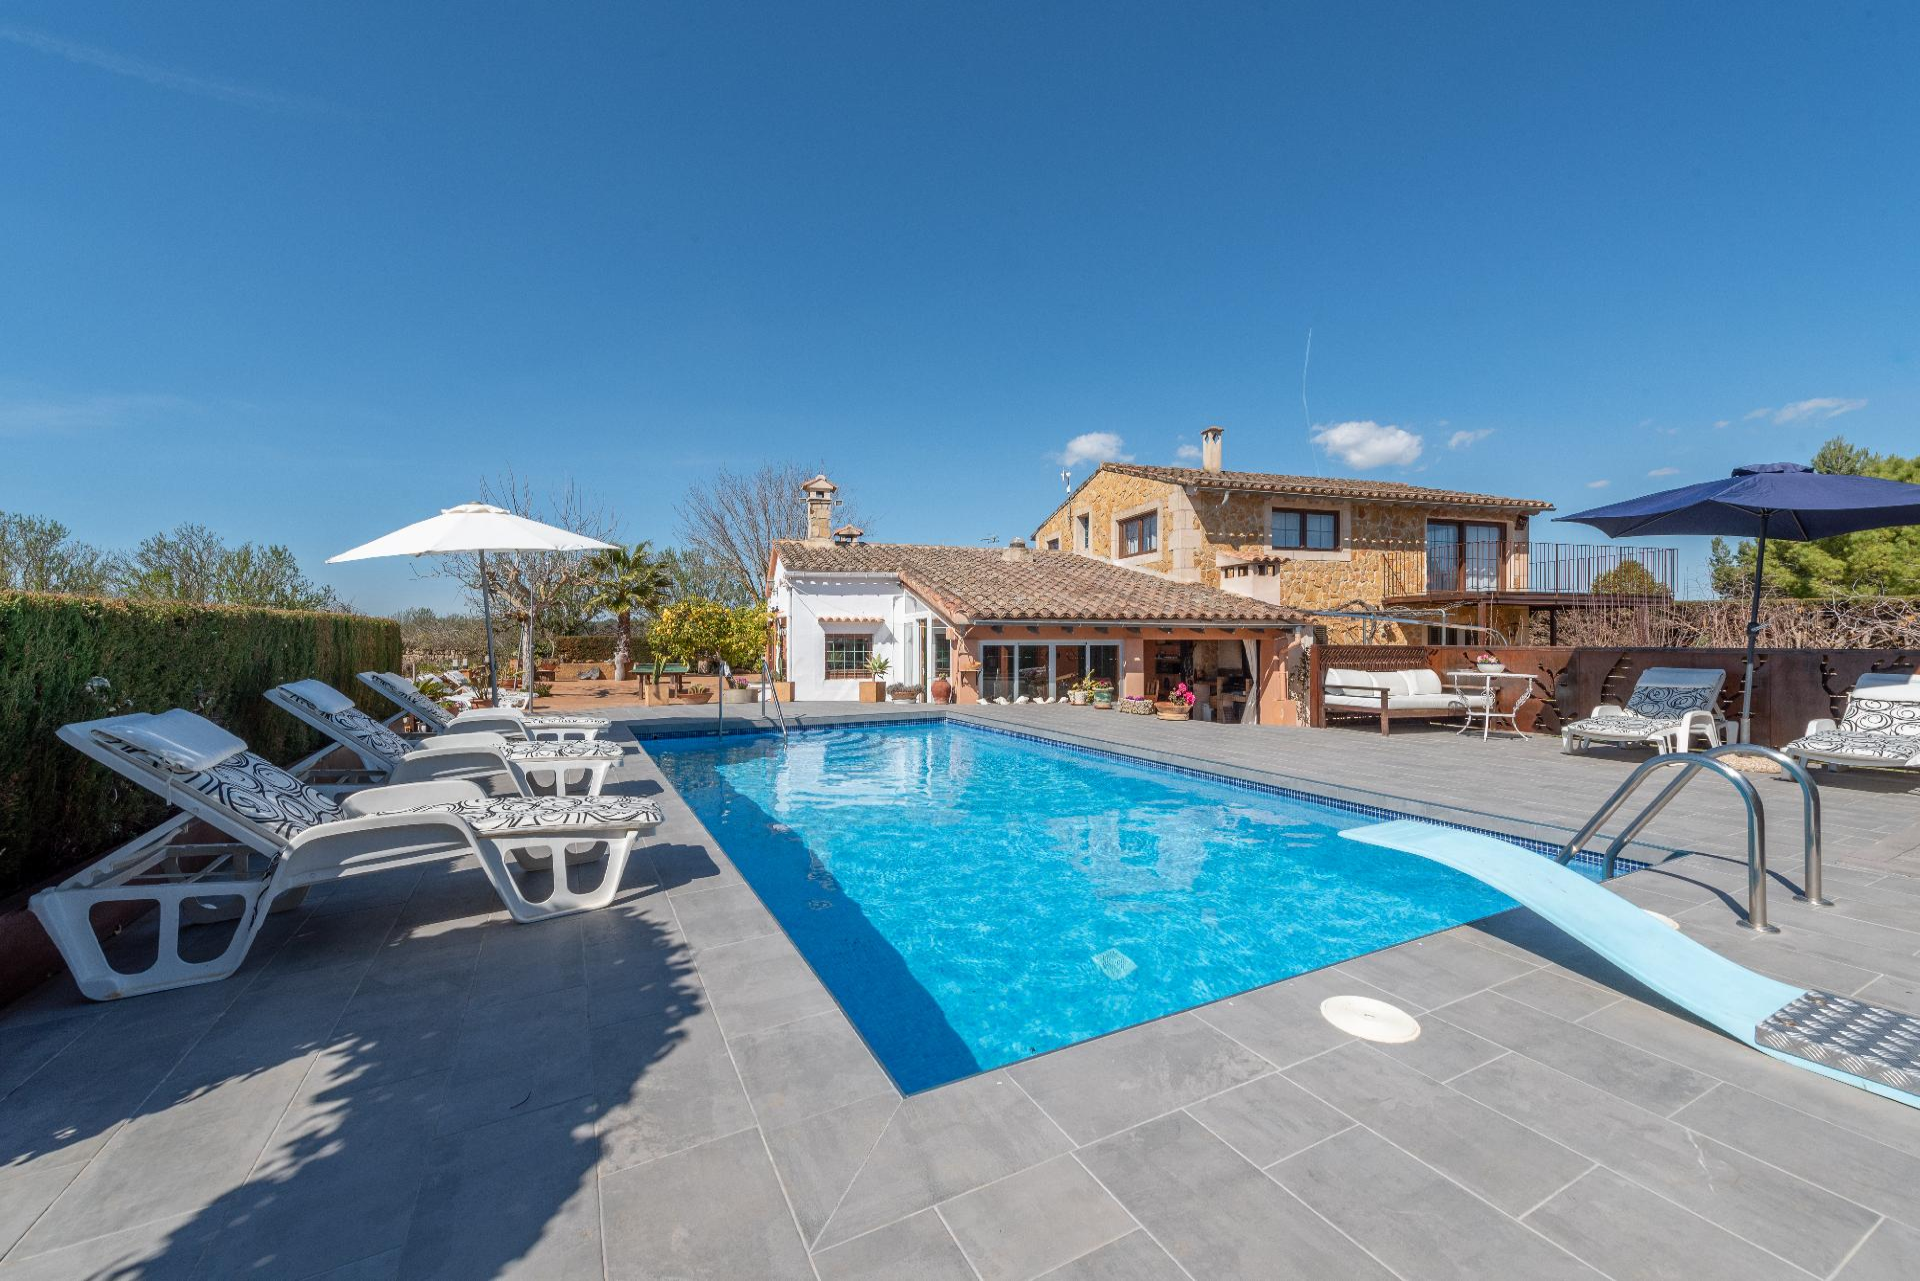 Ferienhaus mit Privatpool für 9 Personen ca.   in Spanien